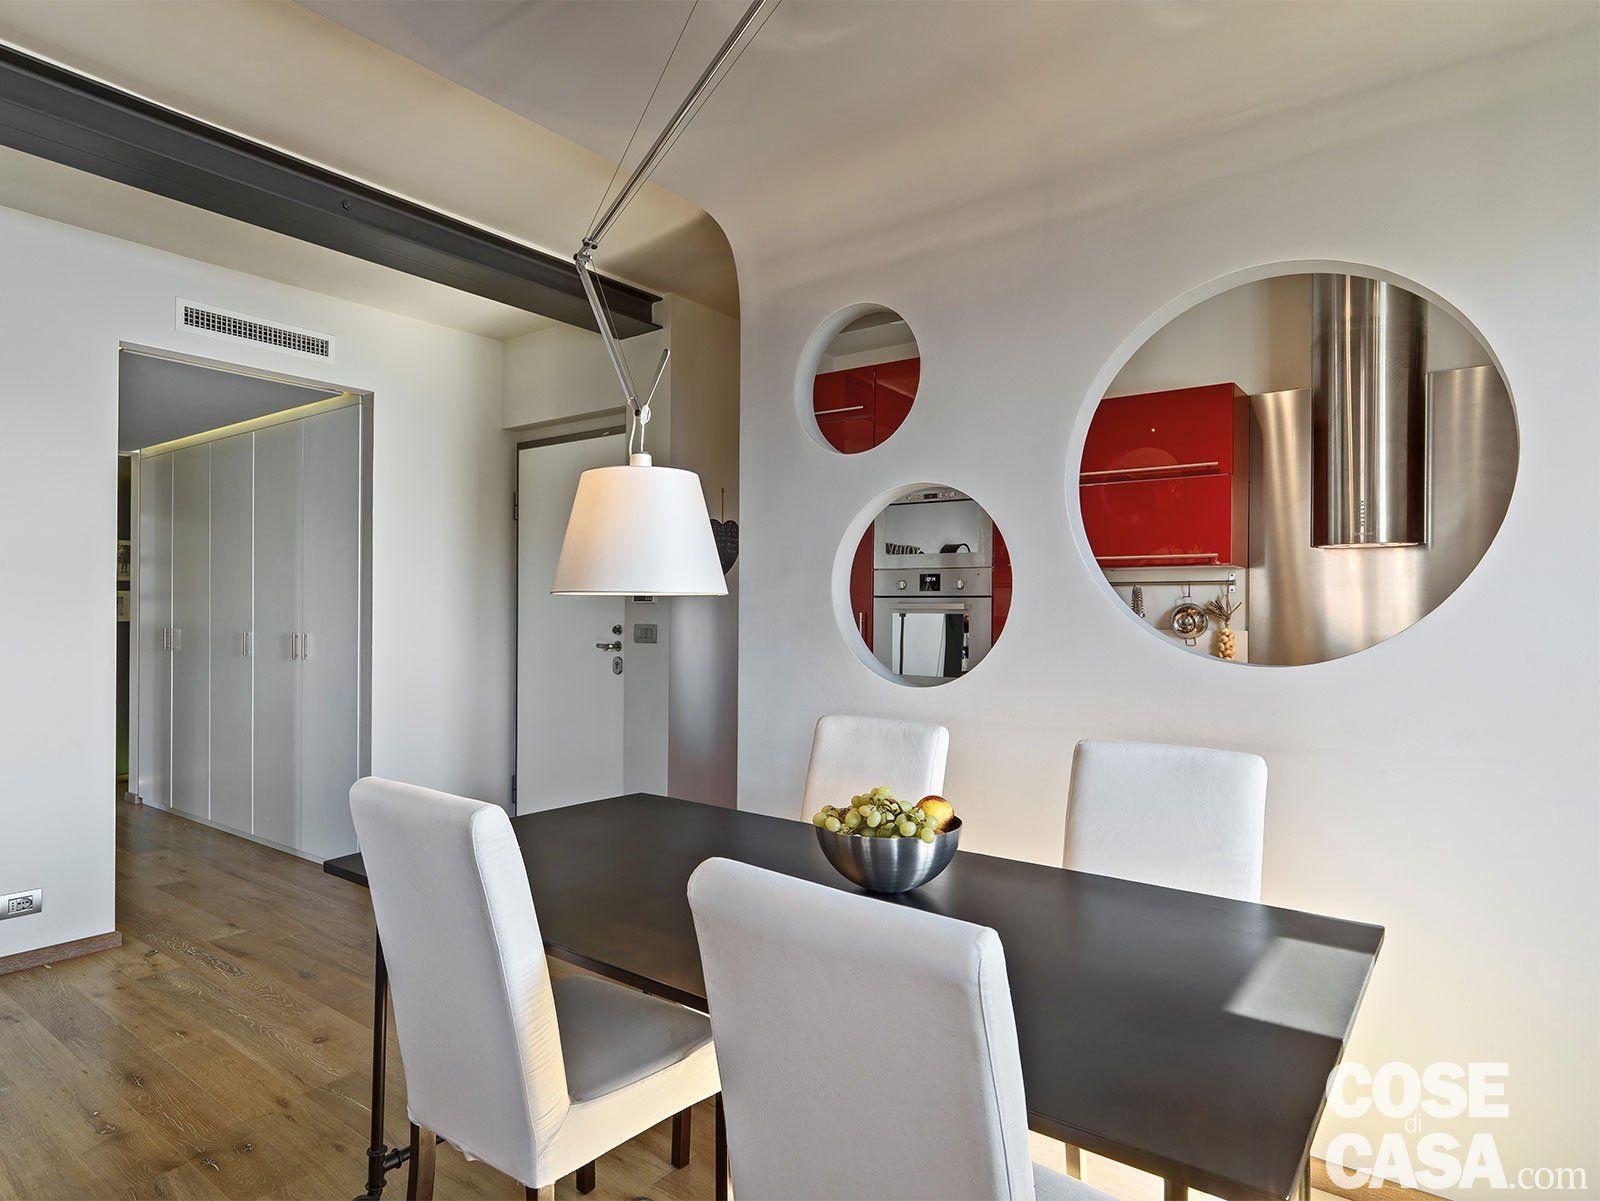 Possiamo quindi trovare frequentemente ambienti con cucina soggiorno open space di 20mq, 25 mq, fino ai più ampi cucina soggiorno open space. Idee Cucina Soggiorno 25 Mq 2021 Fundomega1 Com